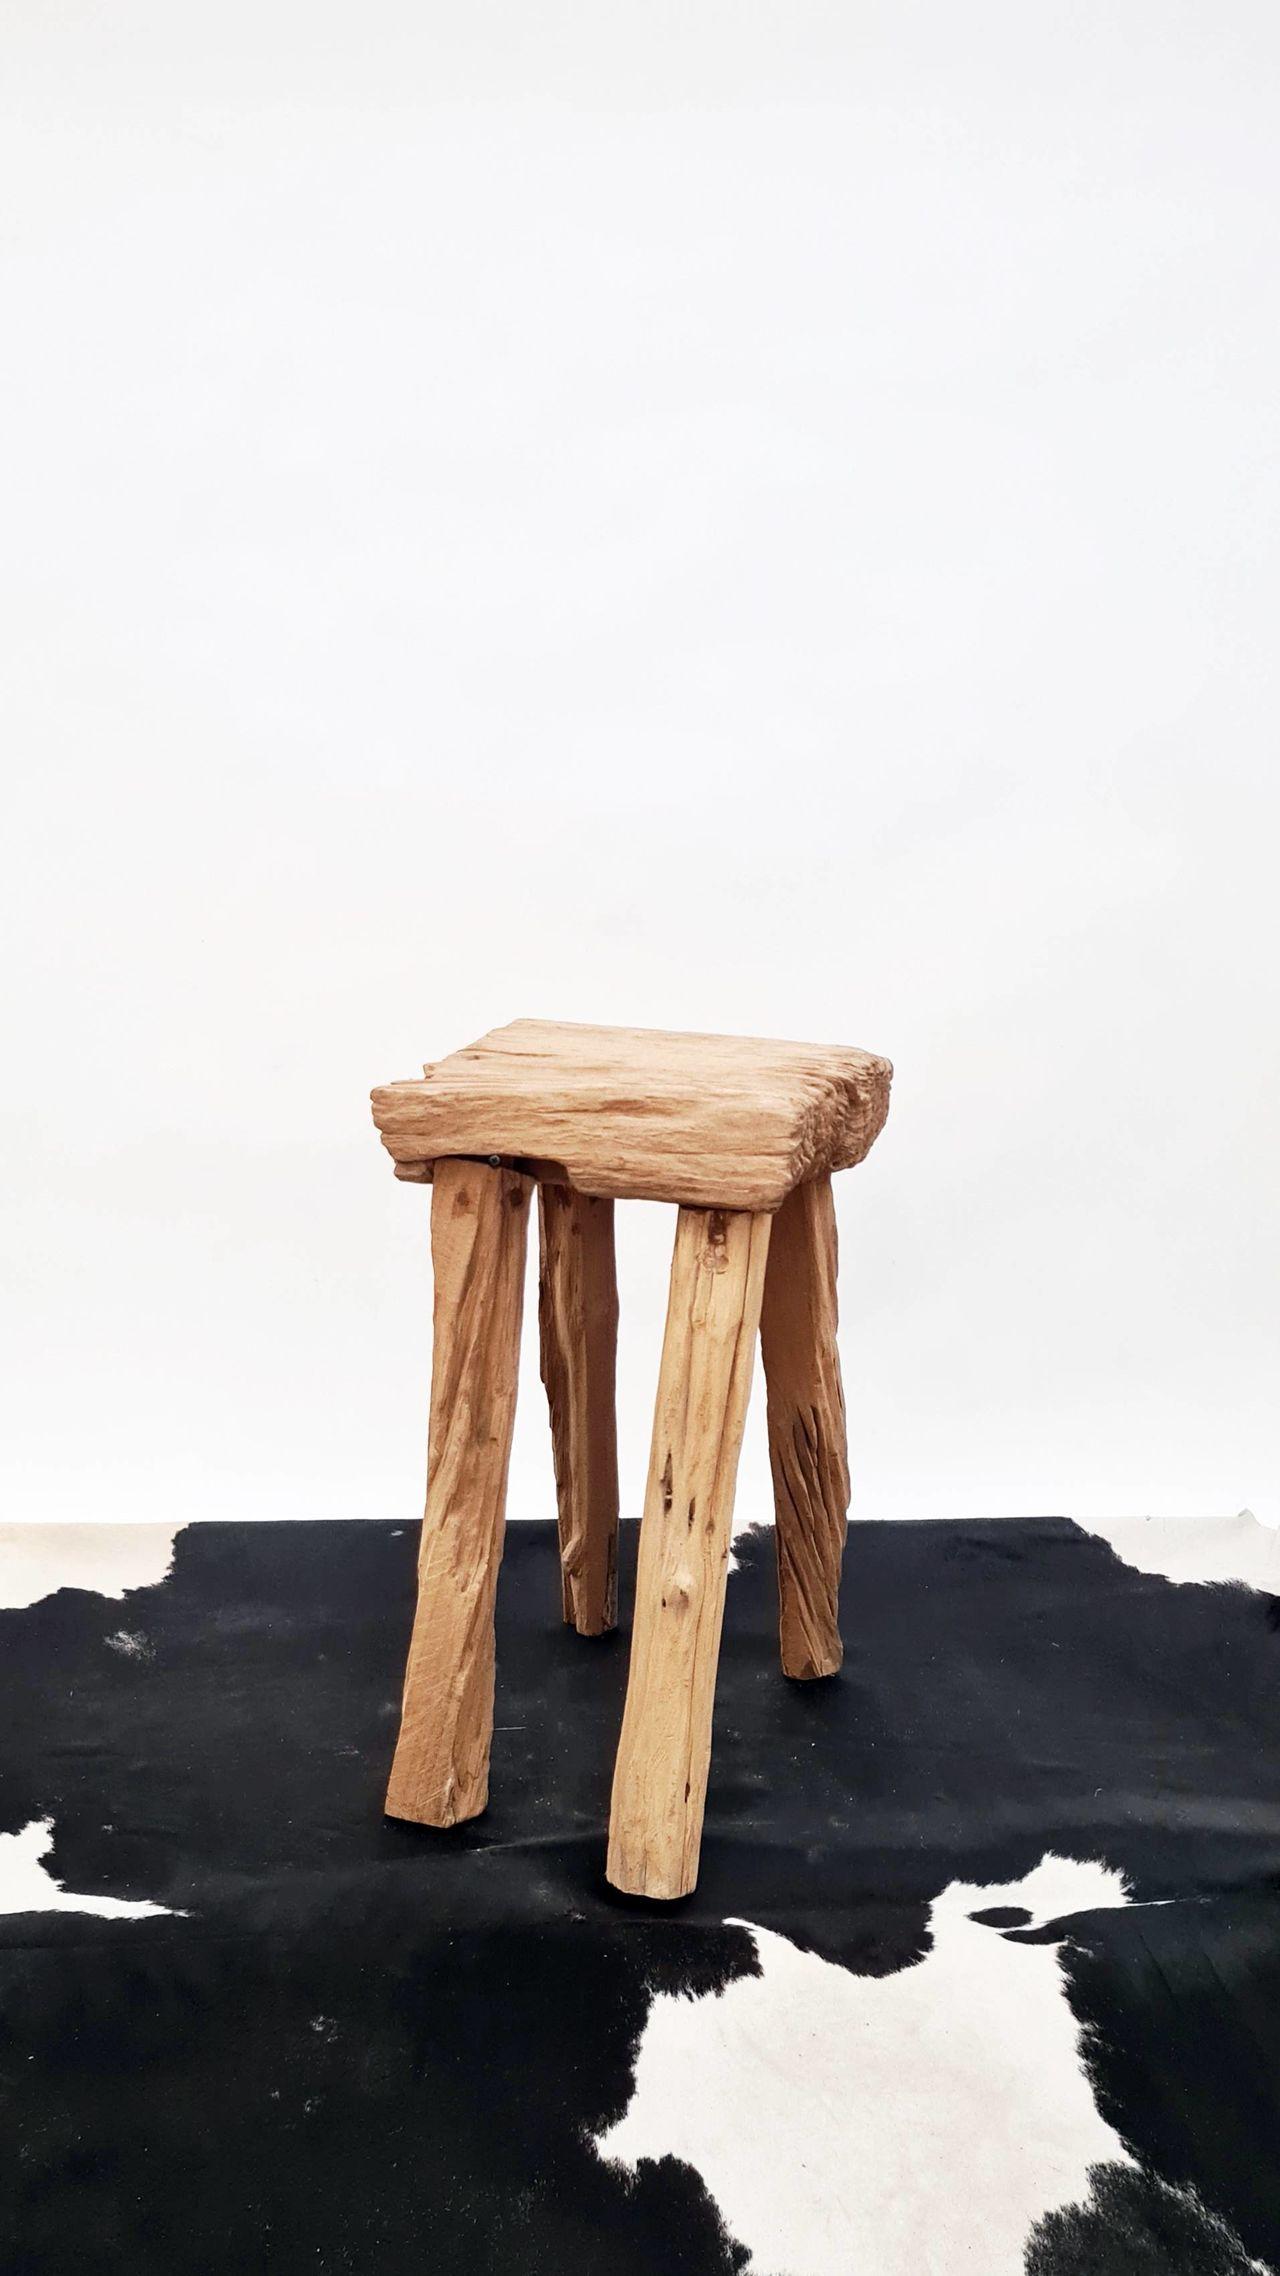 malá čtyřnohá zahradní stolička2.jpg